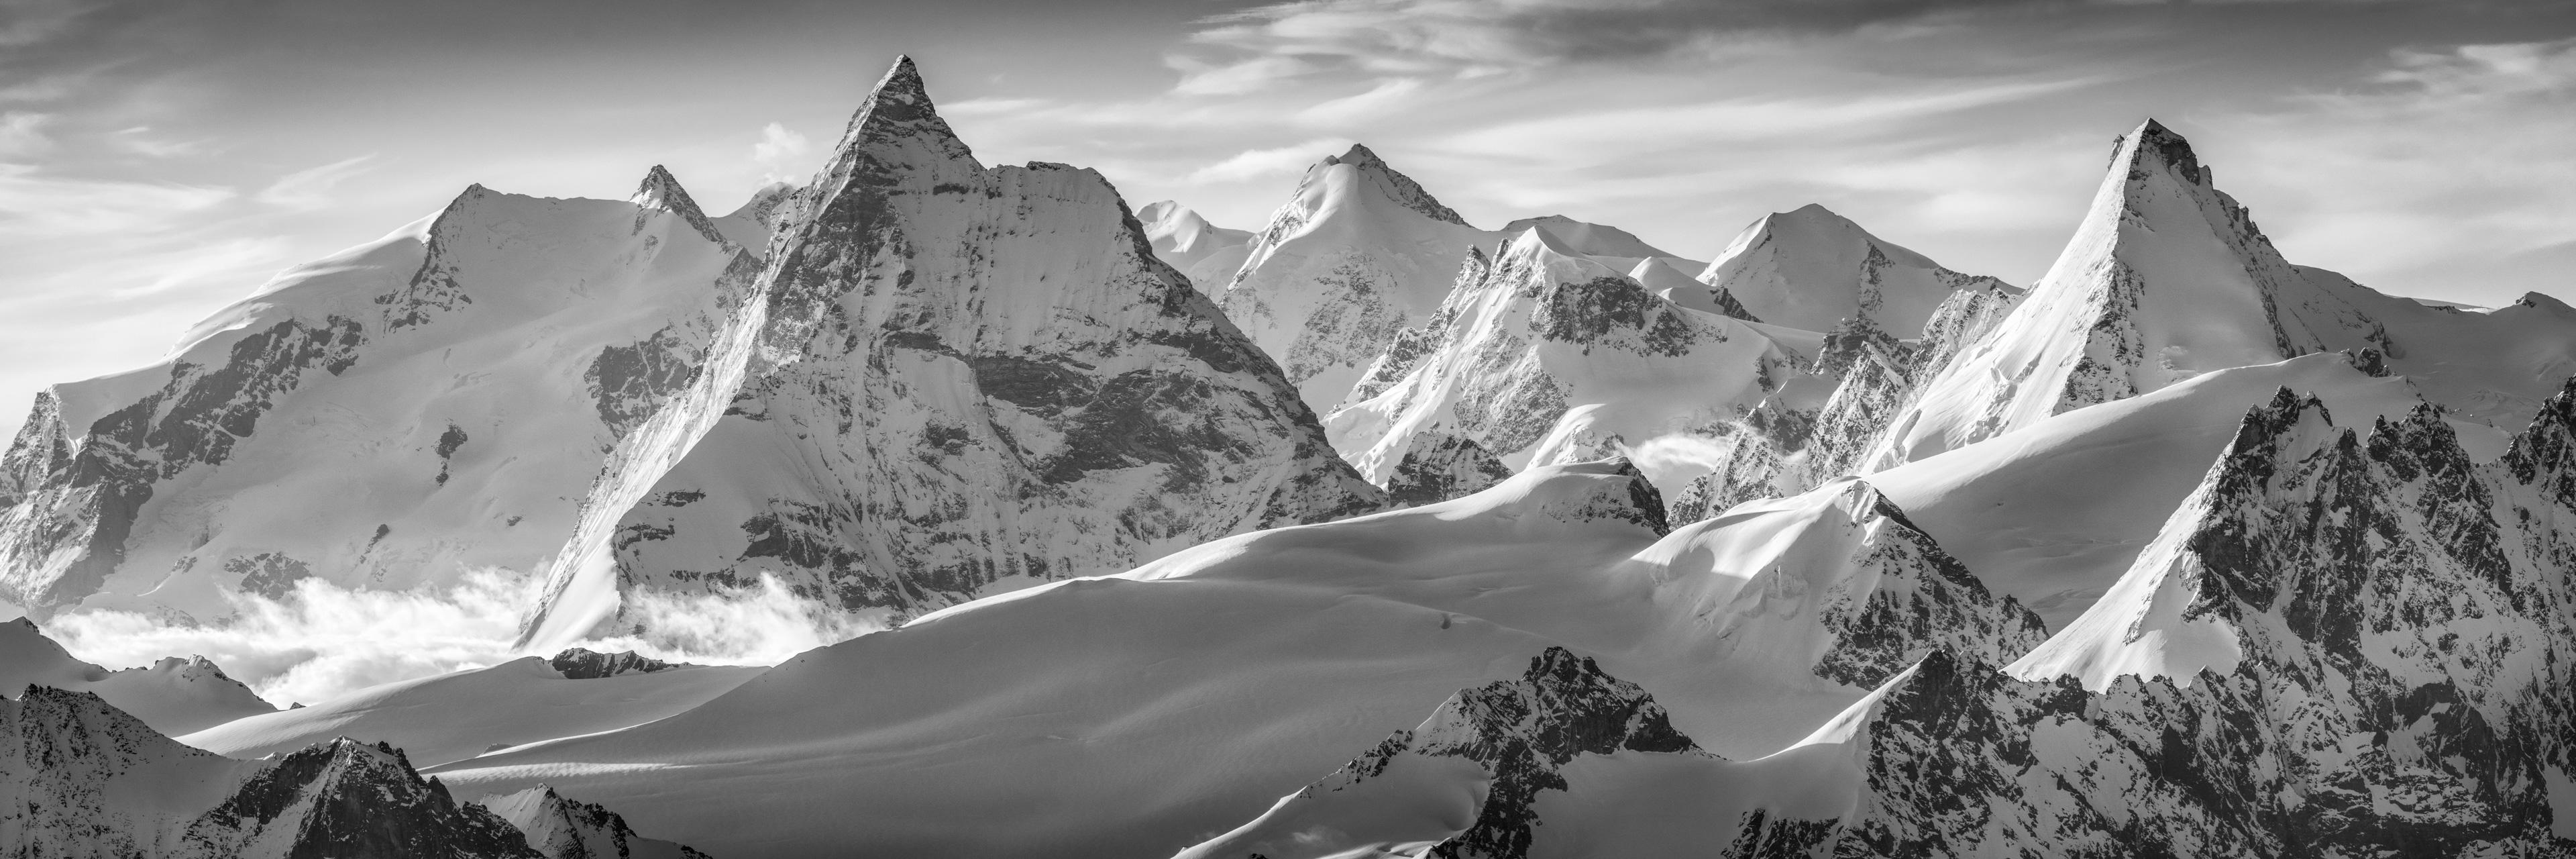 Panorama Montagne Zermatt en noir et blanc - Photo aérienne en hélicoptère dans les Alpes Valaisannes - Crans Montana